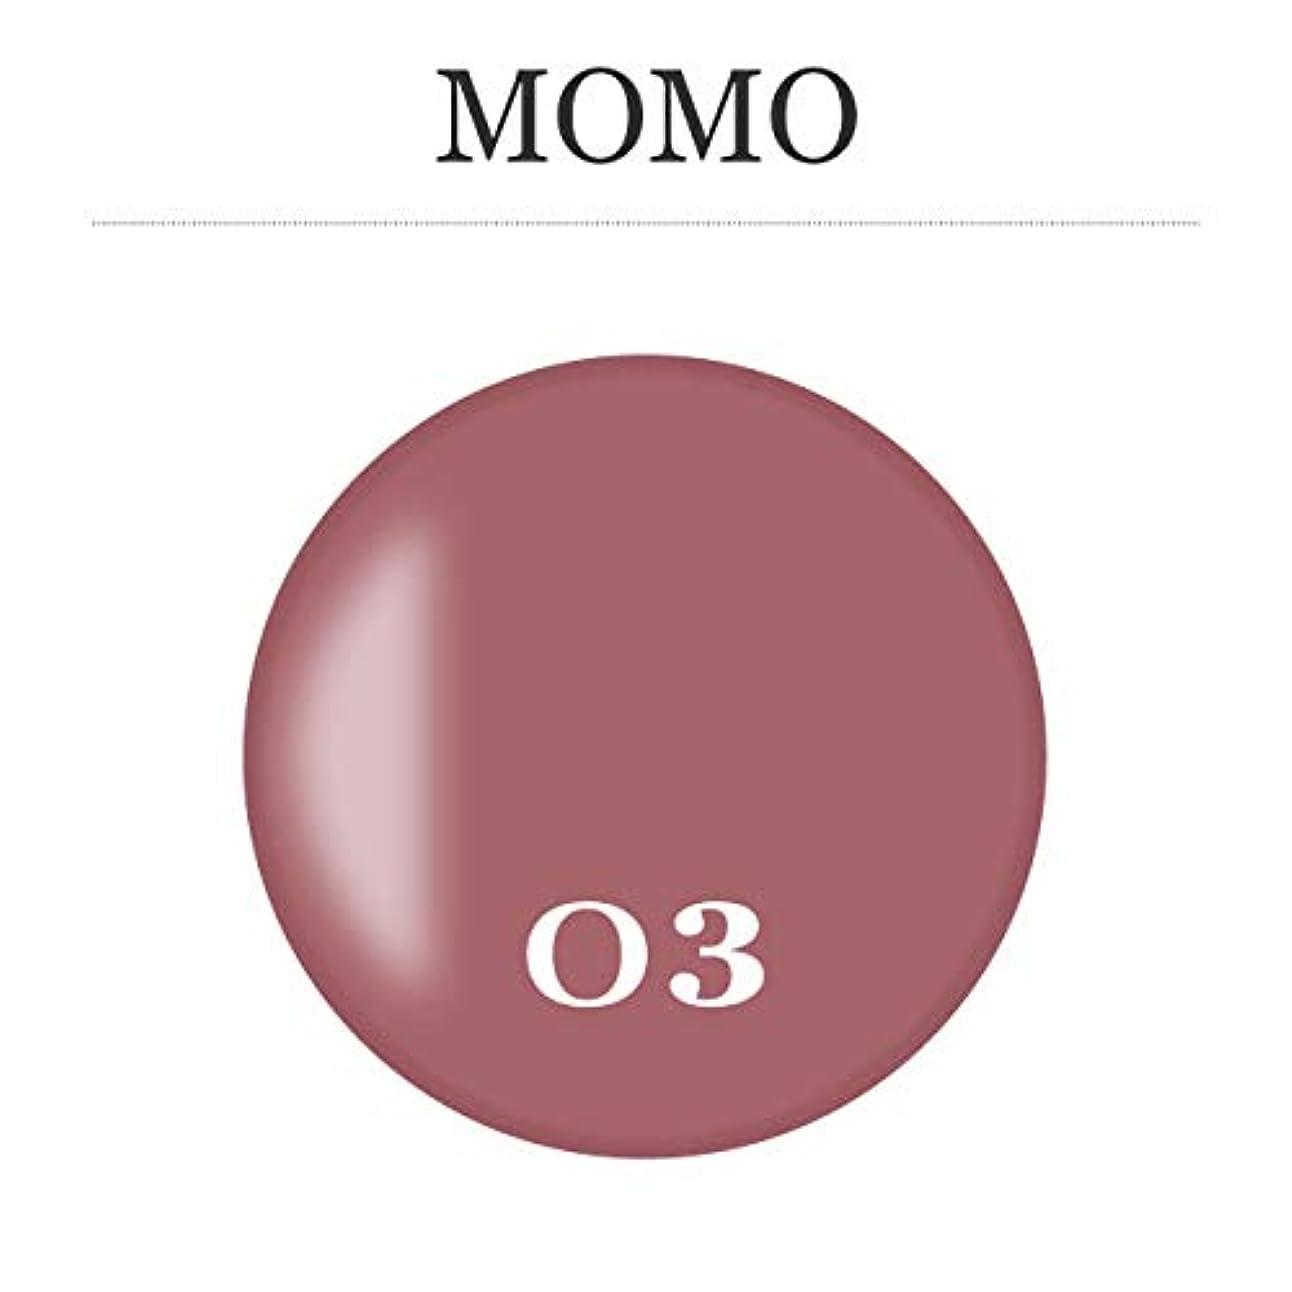 レンディション可能性あいまいカラージェル MOMO-03 by nail for all